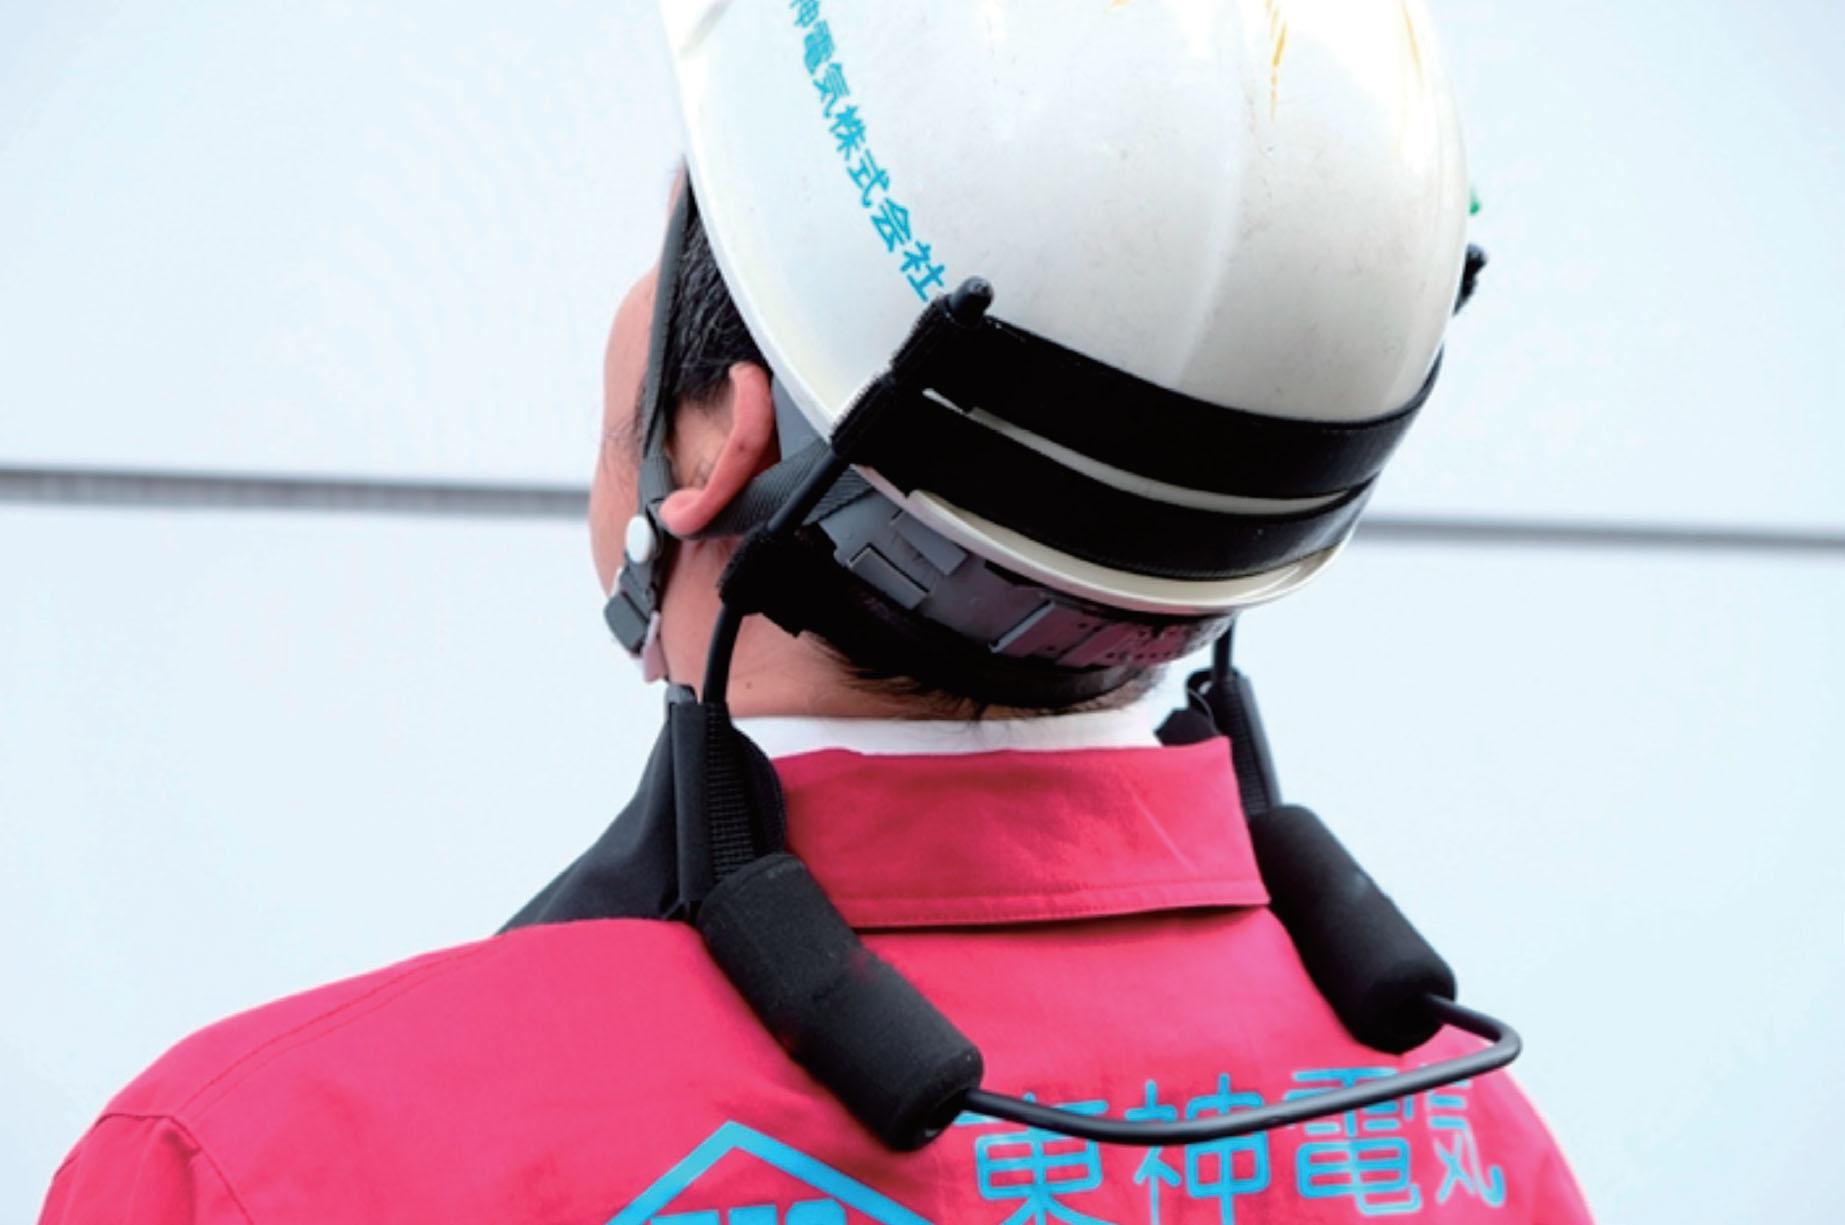 【東神電気】長時間の上向き作業での首の負担を軽減 作業負担軽減商品「ヘッドキーパー」発売の画像